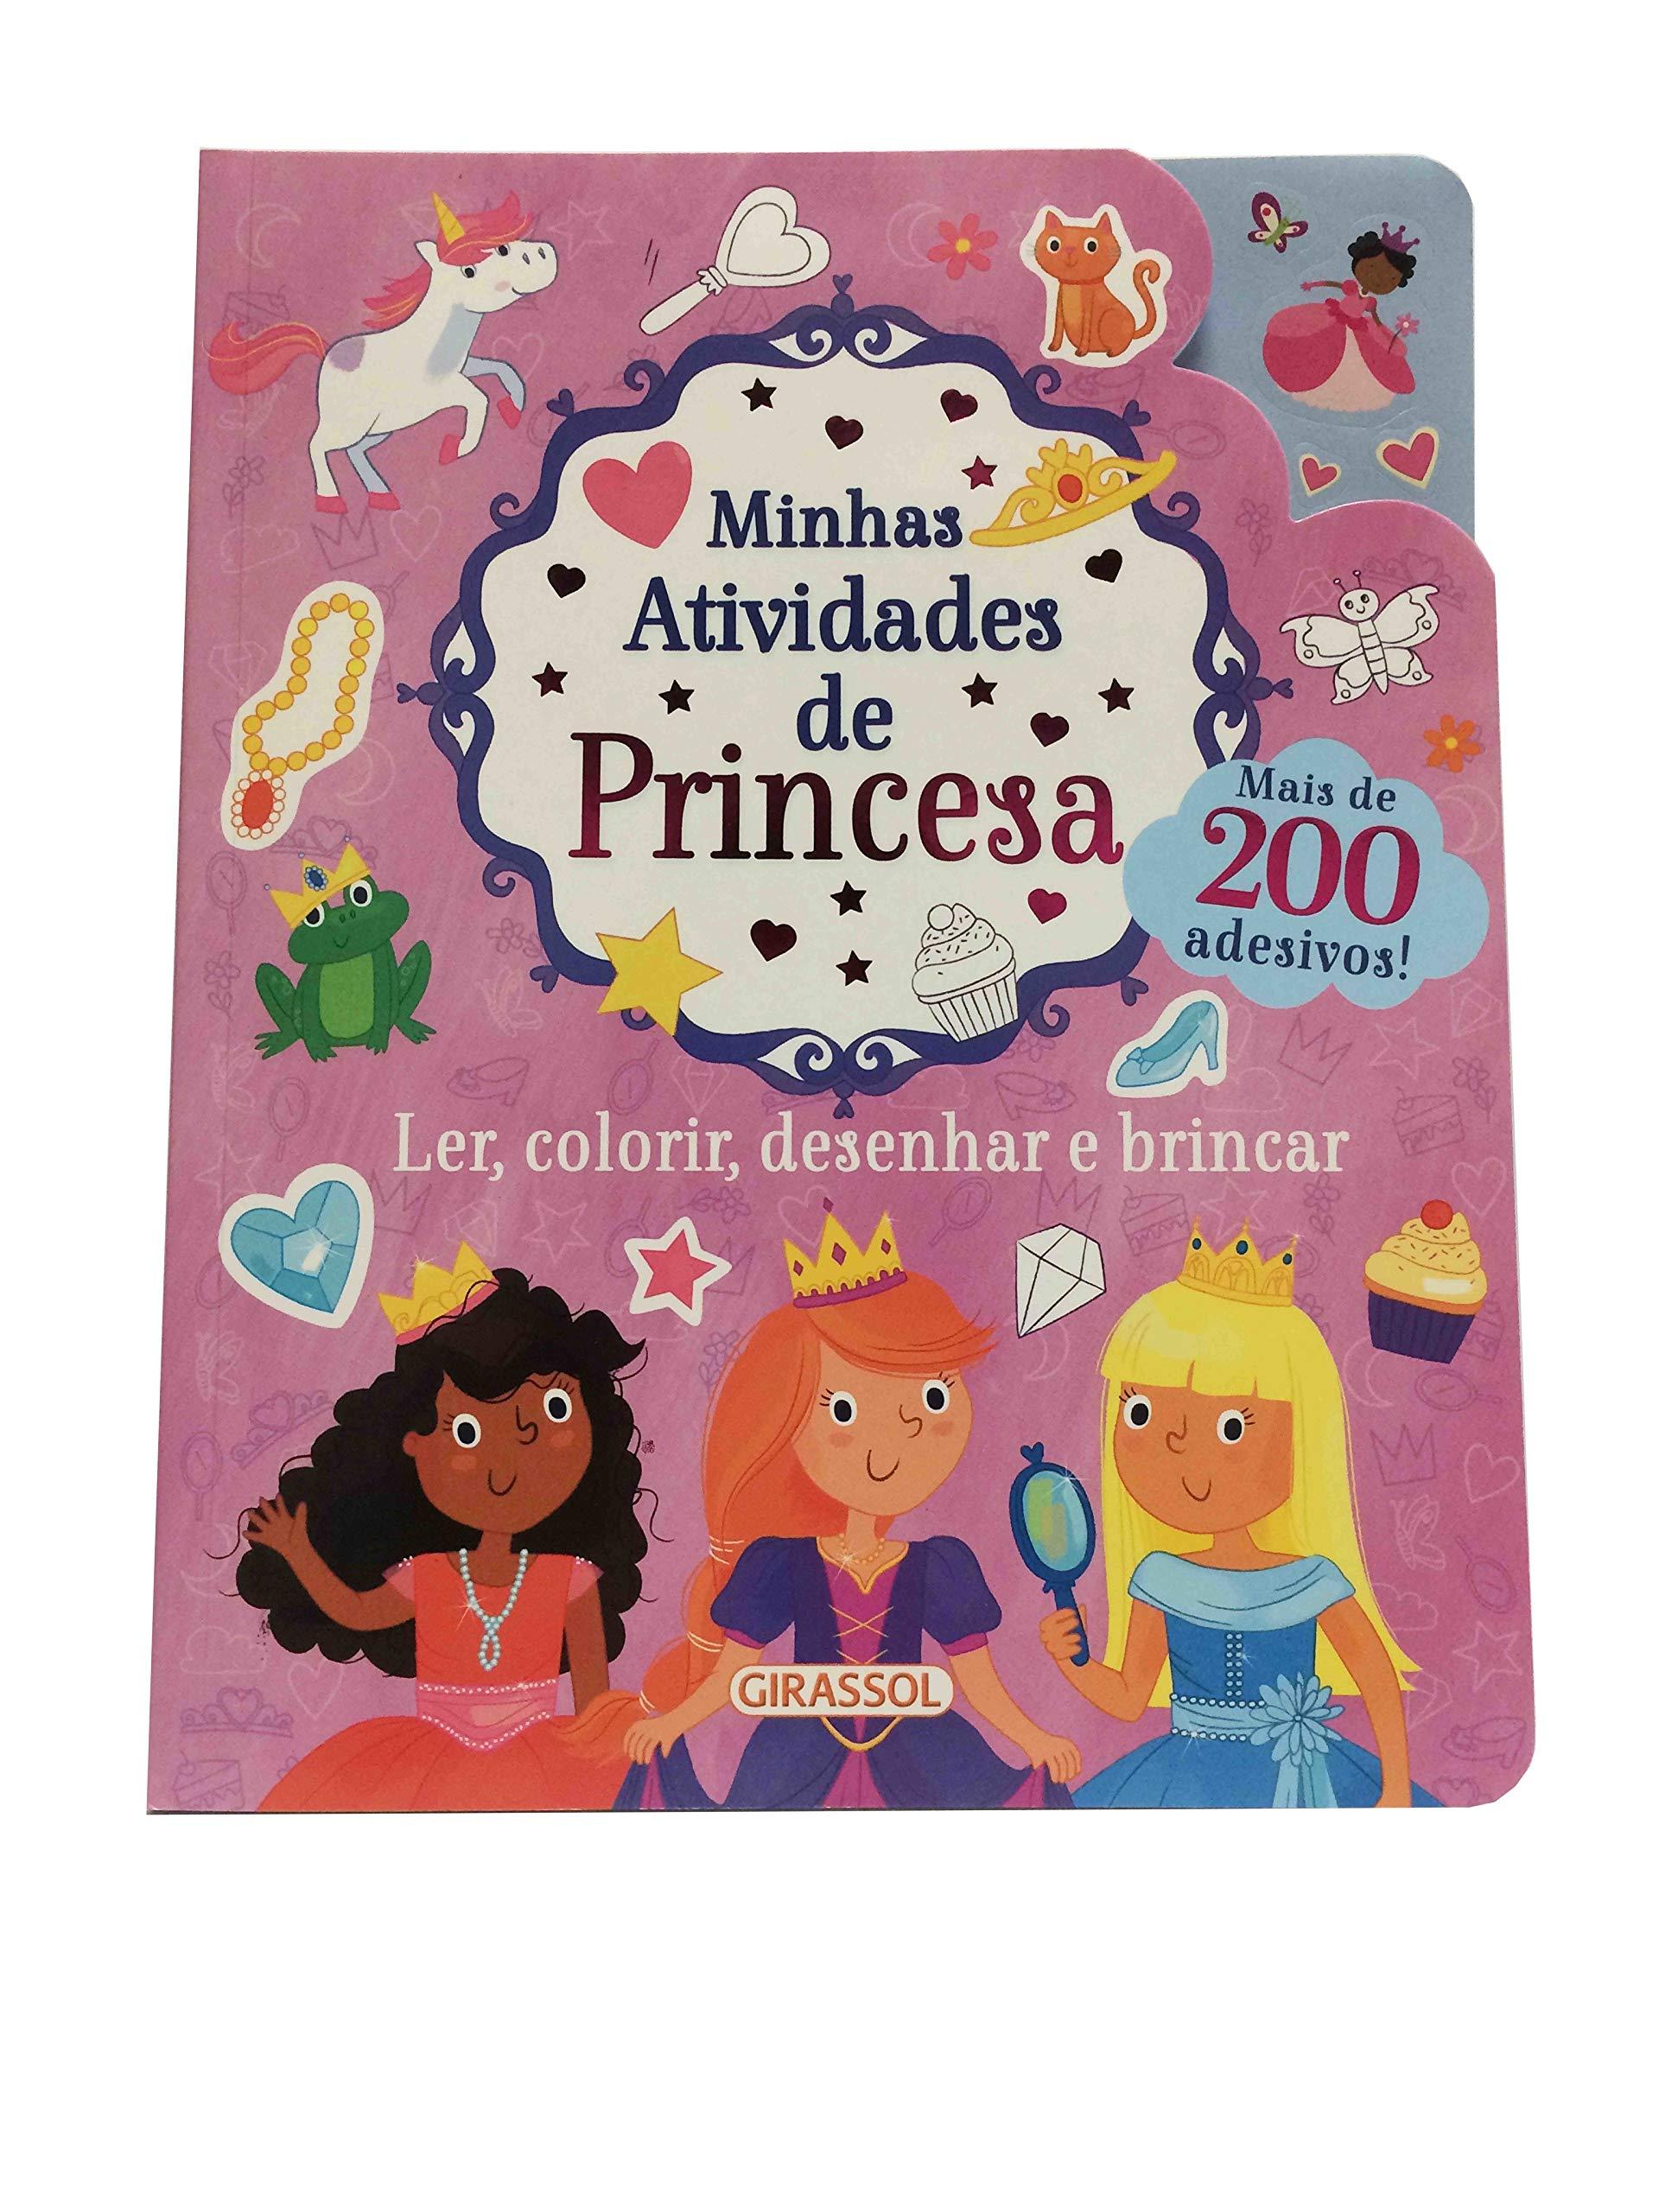 Minhas Atividades De Princesa Ler Colorir Desenhar E Brincar